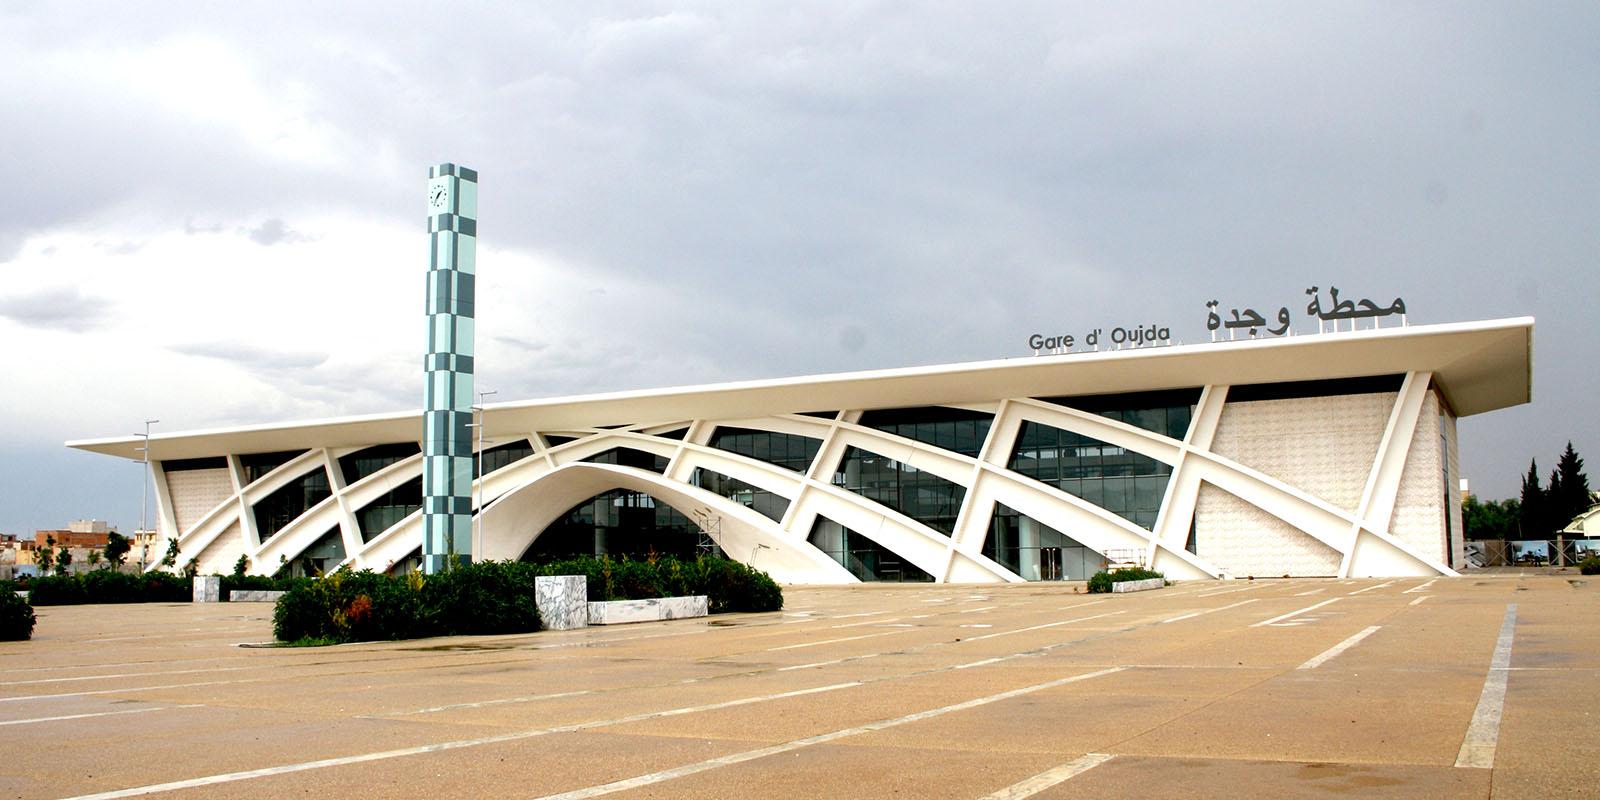 +صور: تدشين محطة القطار الجديدة بوجدة بكلفة 17 مليار سنتيم